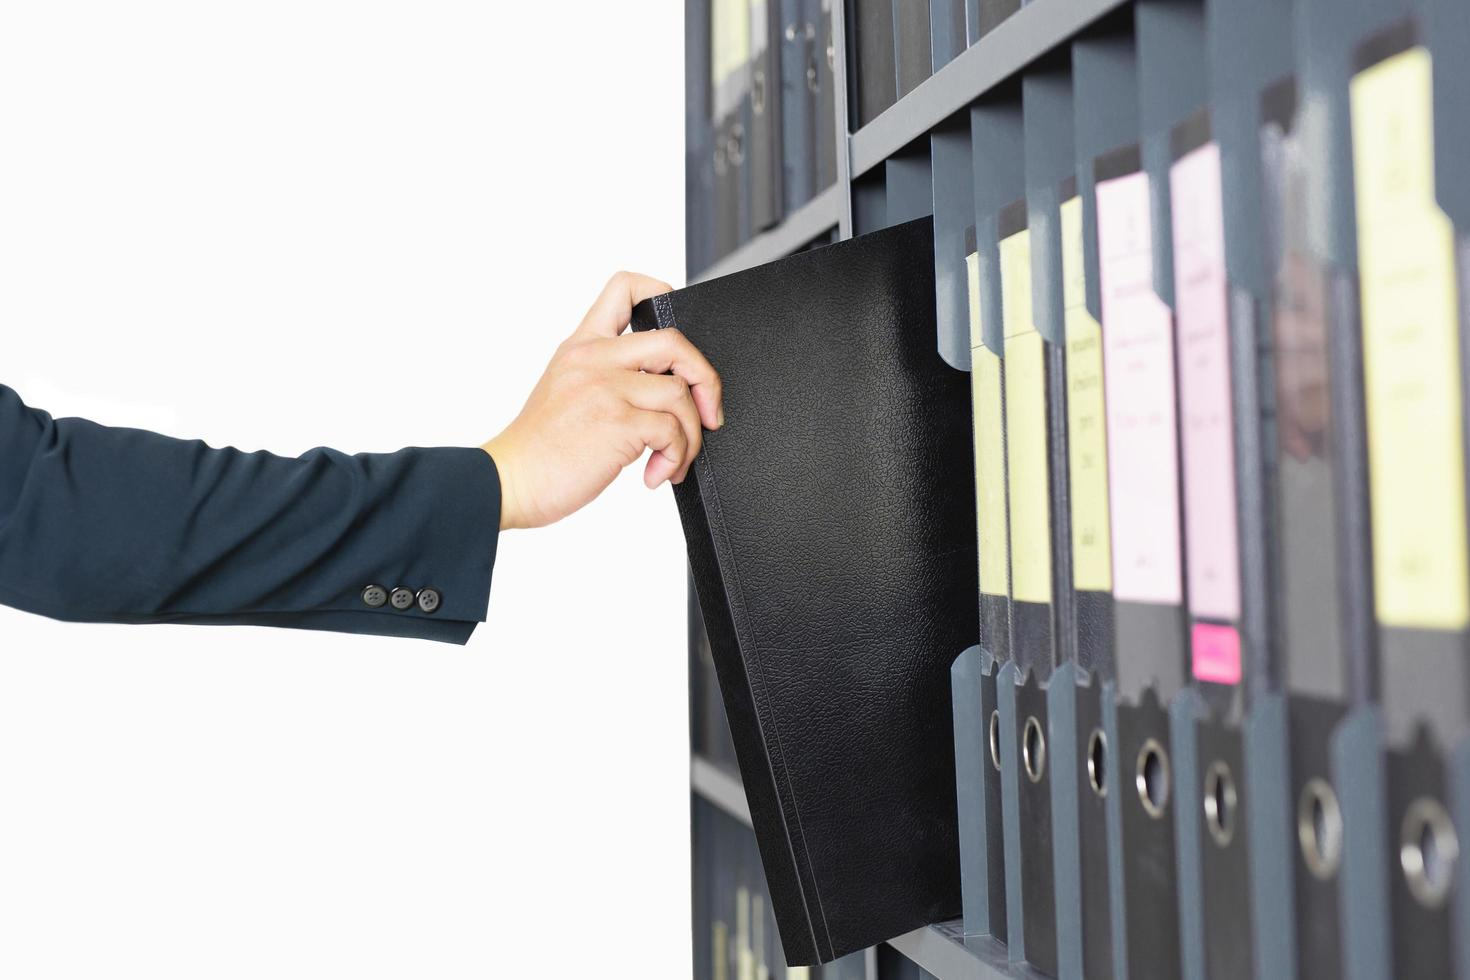 homme d & # 39; affaires sélectionnant le dossier des étagères photo